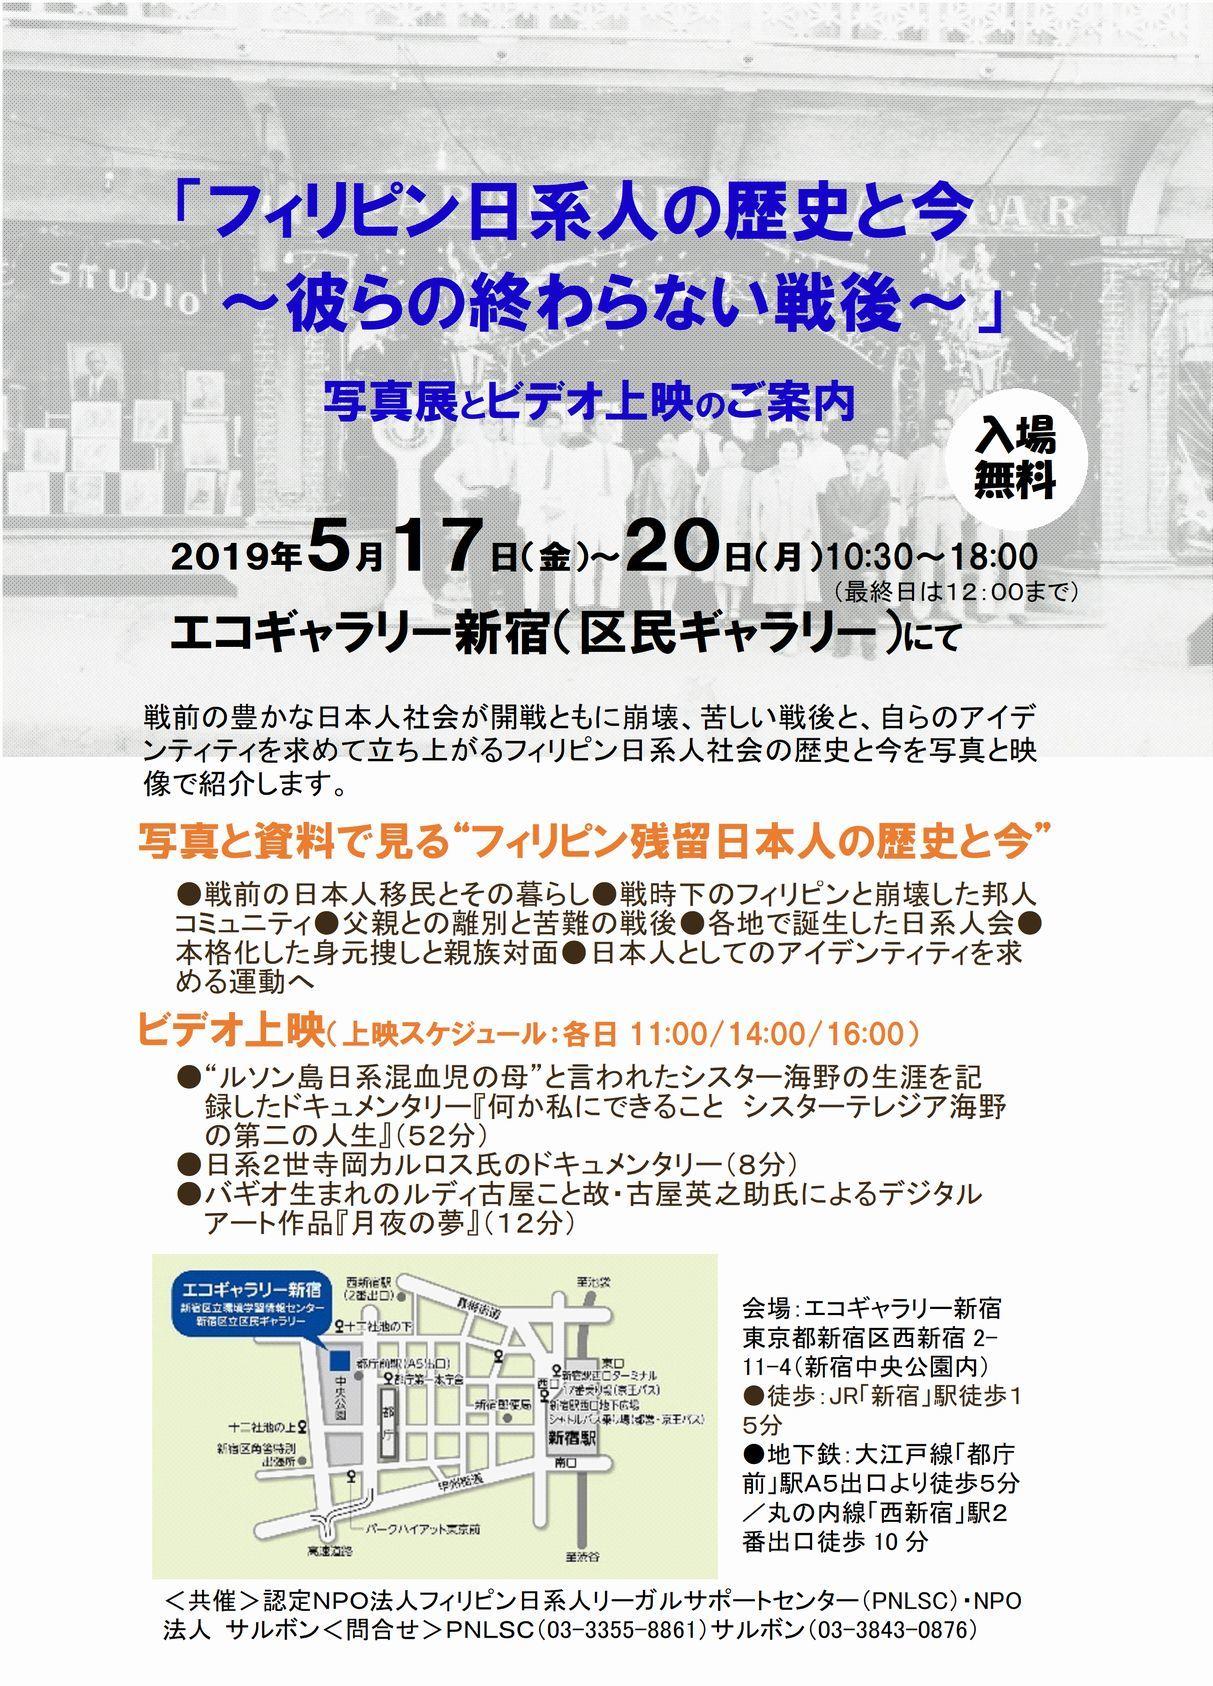 東京新宿で 「フィリピン日系人の歴史と今」写真展とビデオ上映_a0109542_11043538.jpg